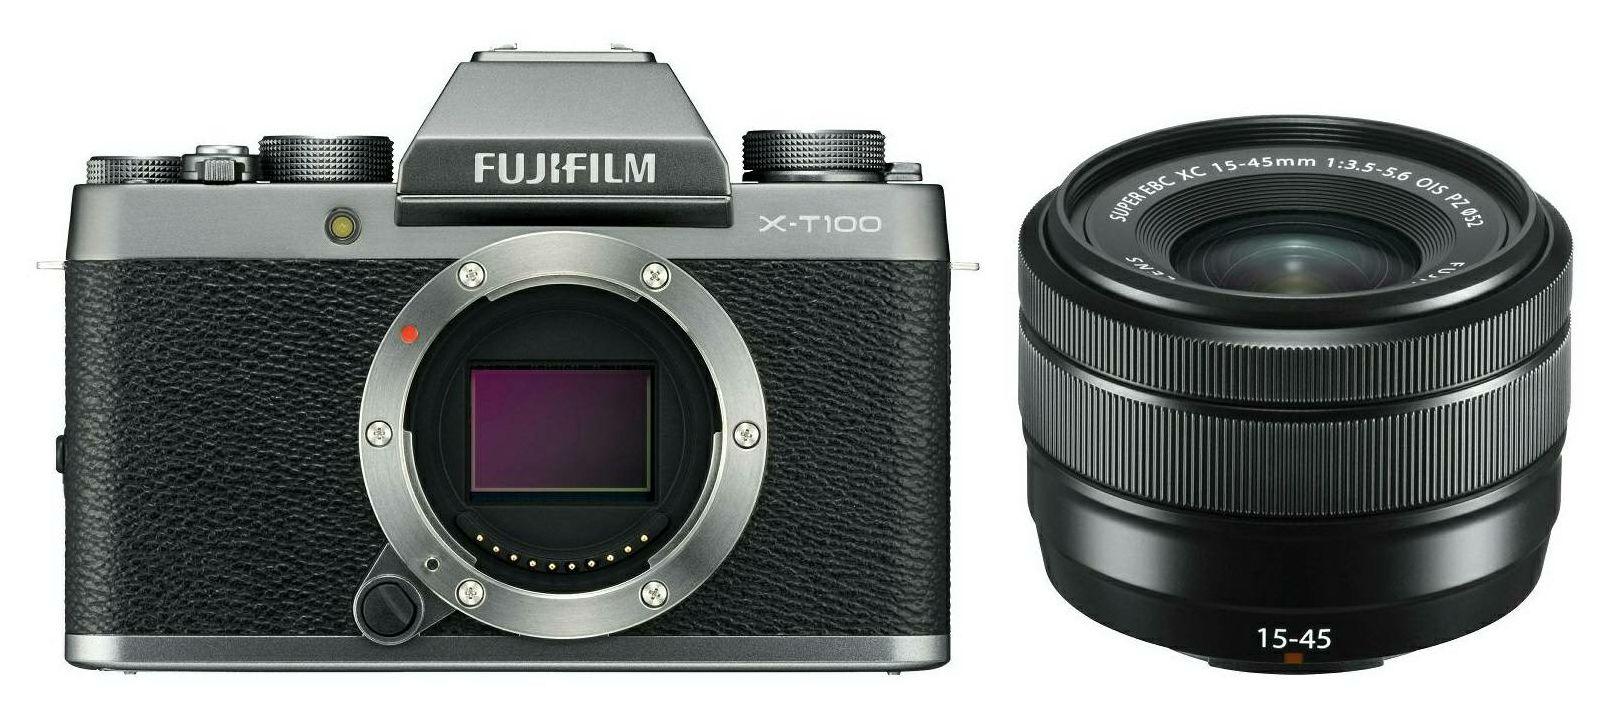 Fujifilm X-T100 + XC 15-45 f/3.5-5.6 OIS PZ KIT Dark Silver tamno srebreni digitalni mirrorless fotoaparat s objektivom 15-45mm Fuji